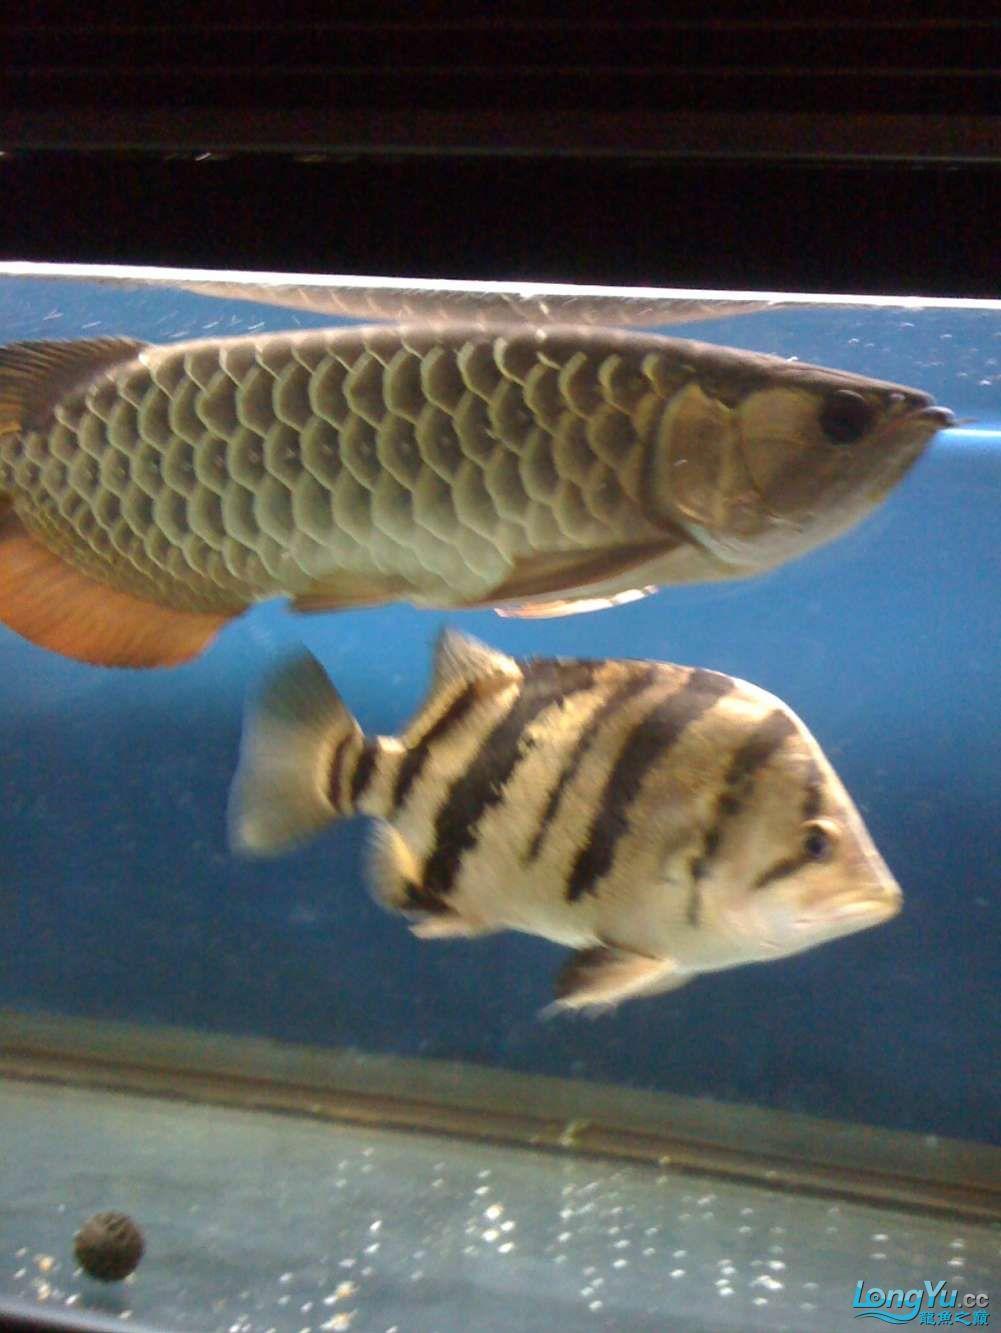 【西安朱巴利】我的小金 西安观赏鱼信息 西安博特第5张